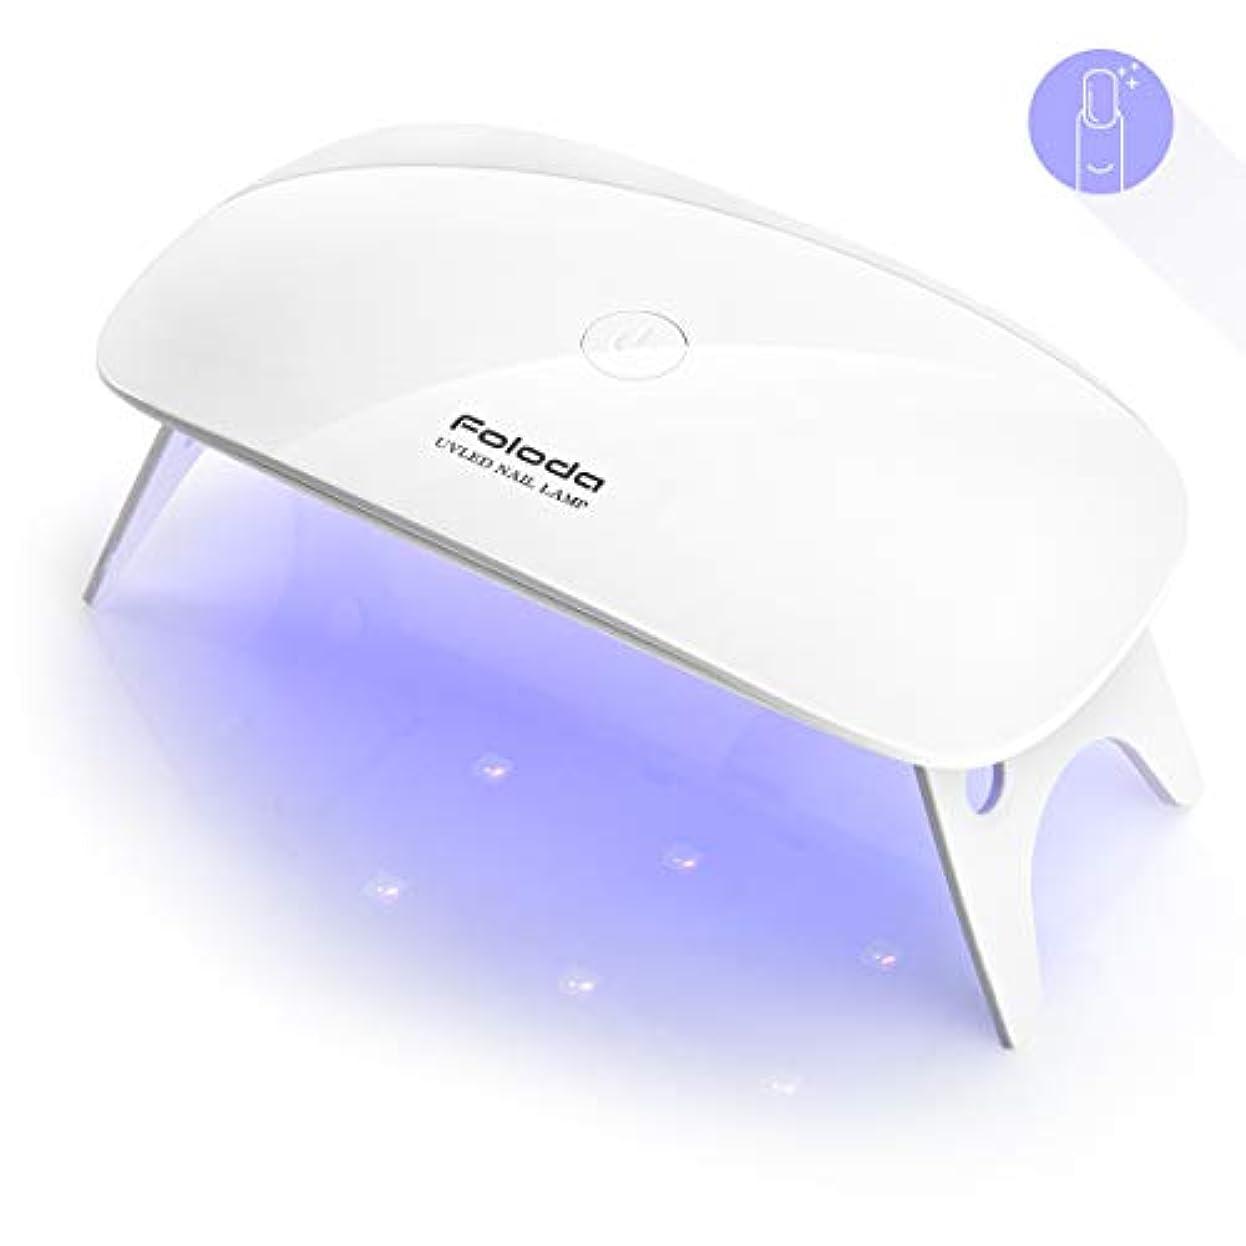 構成するフック寄託LEDネイルドライヤー UVライト Foloda タイマー設定可能 折りたたみ式手足とも使える 人感センサー式 LED 硬化ライト UV と LEDダブルライト ジェルネイル用 ホワイト (white)